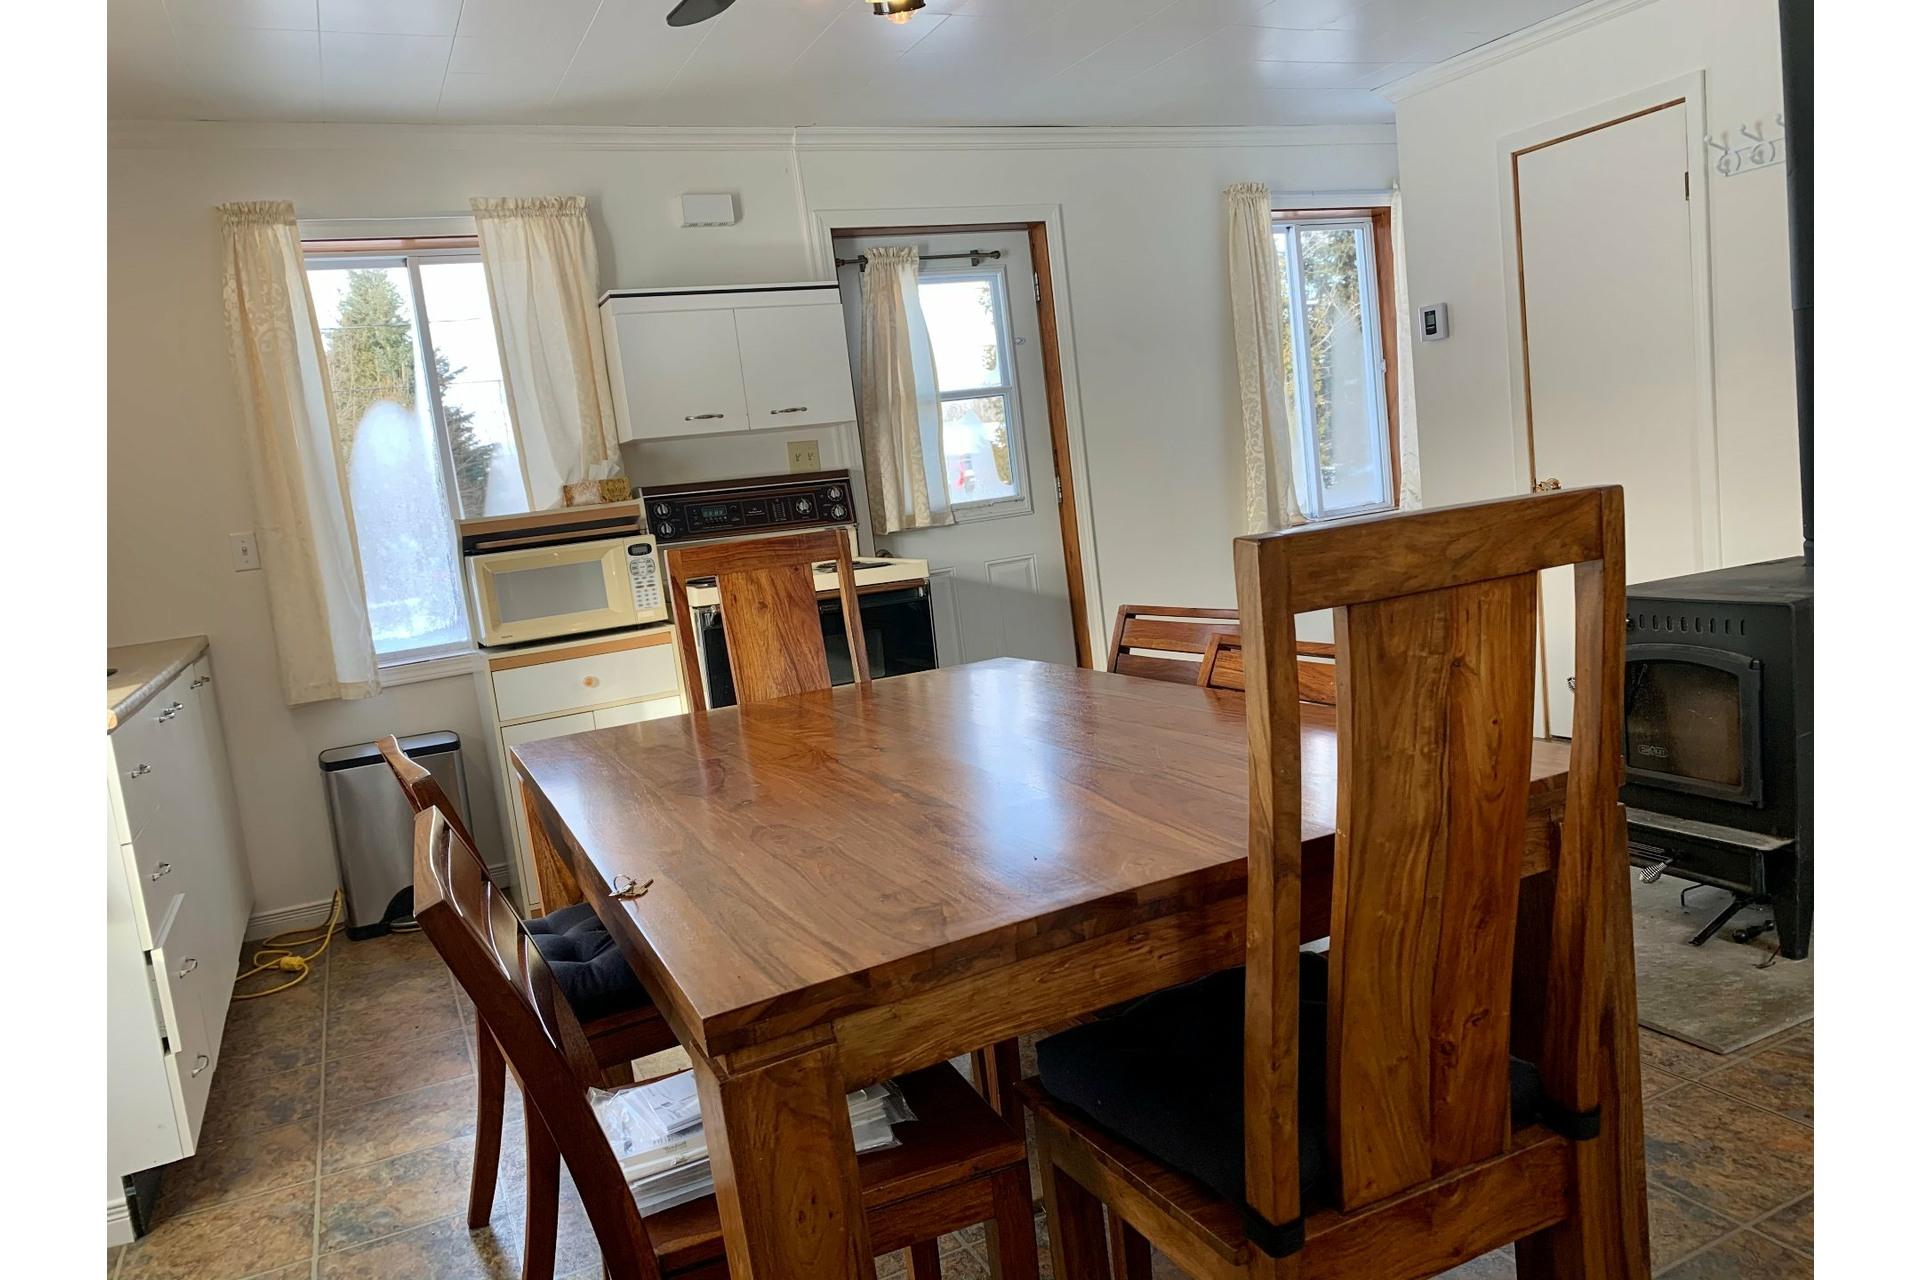 image 4 - Farmhouse For sale Sainte-Françoise - 7 rooms